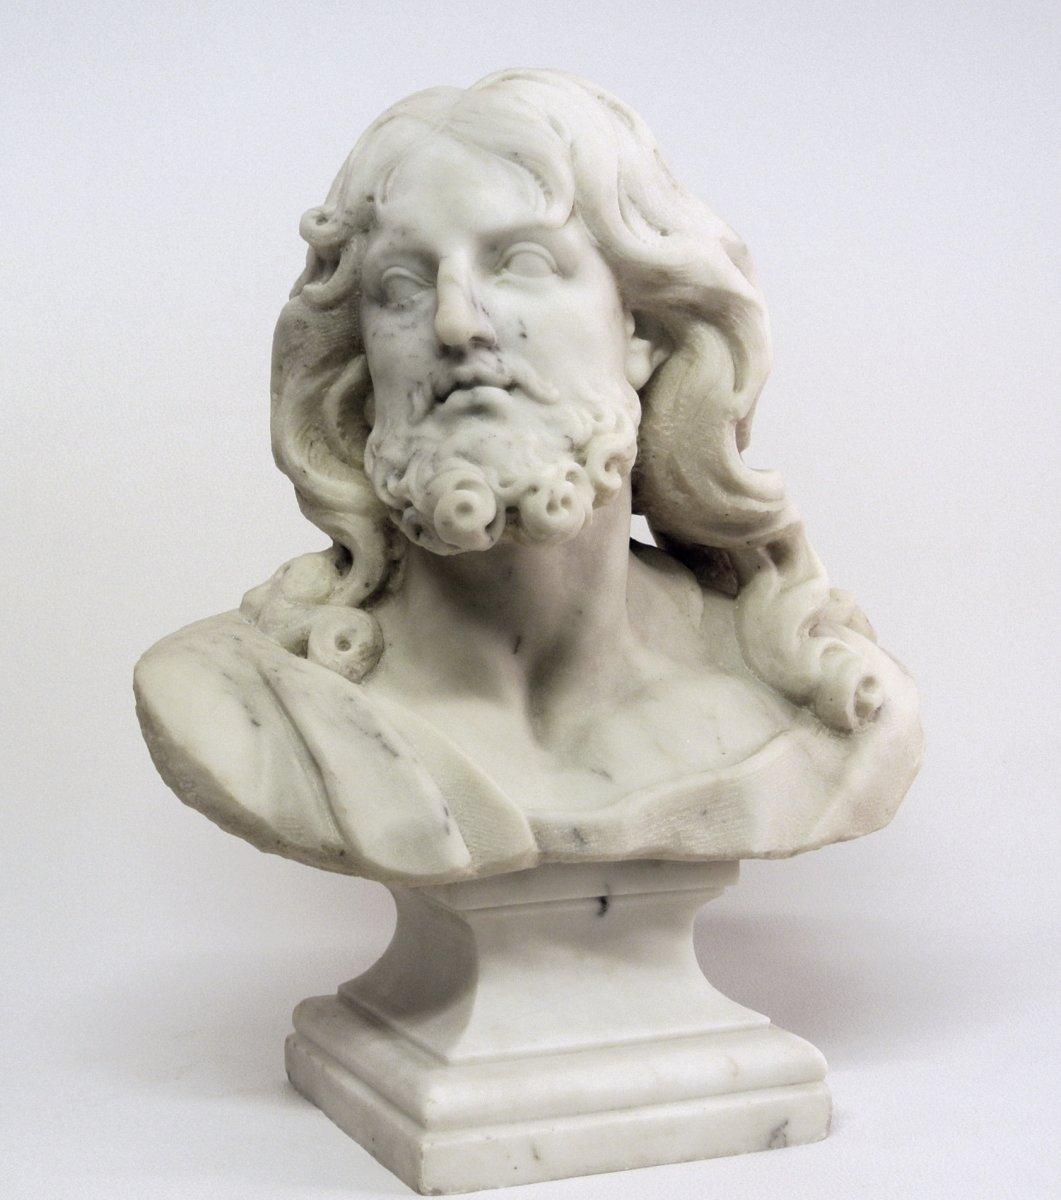 Buste du Christ, sculpture en marbre (Epoque XIXème)